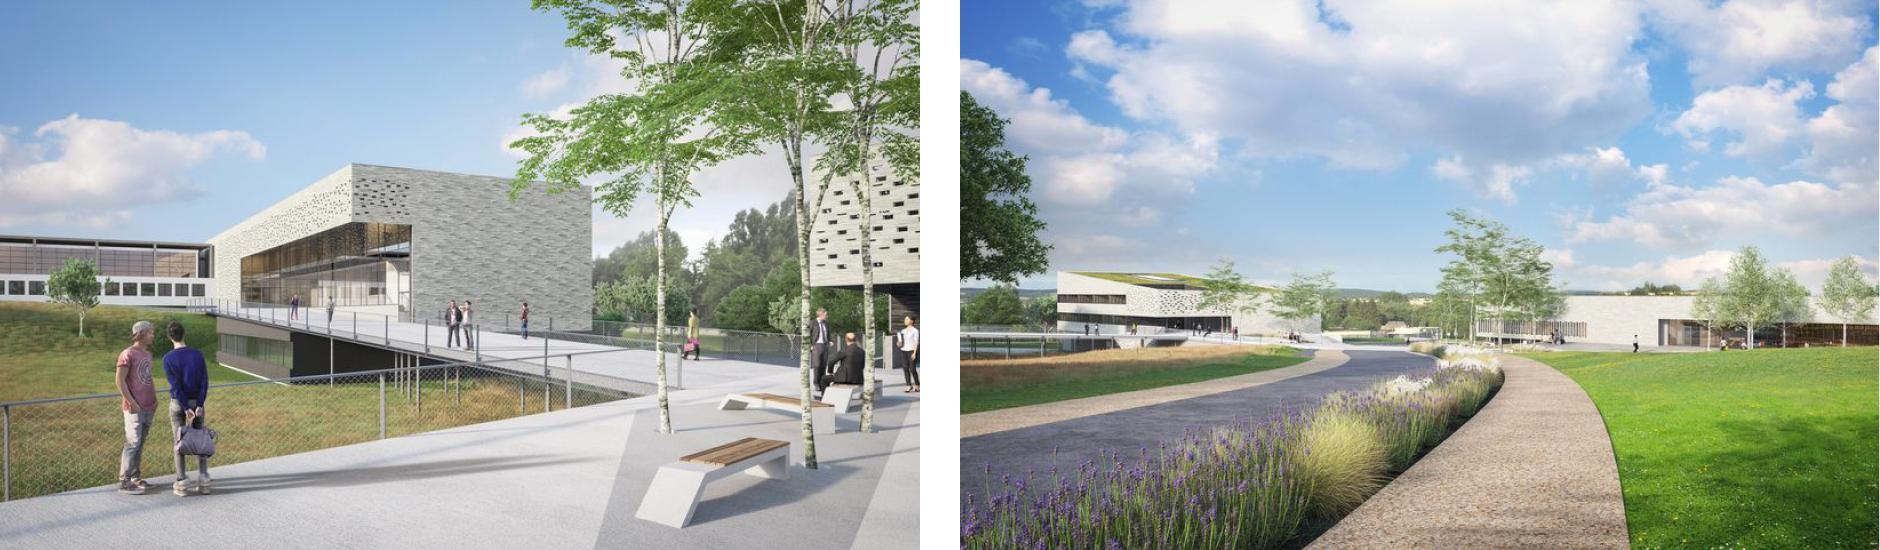 vue 3D du campus université ardenne